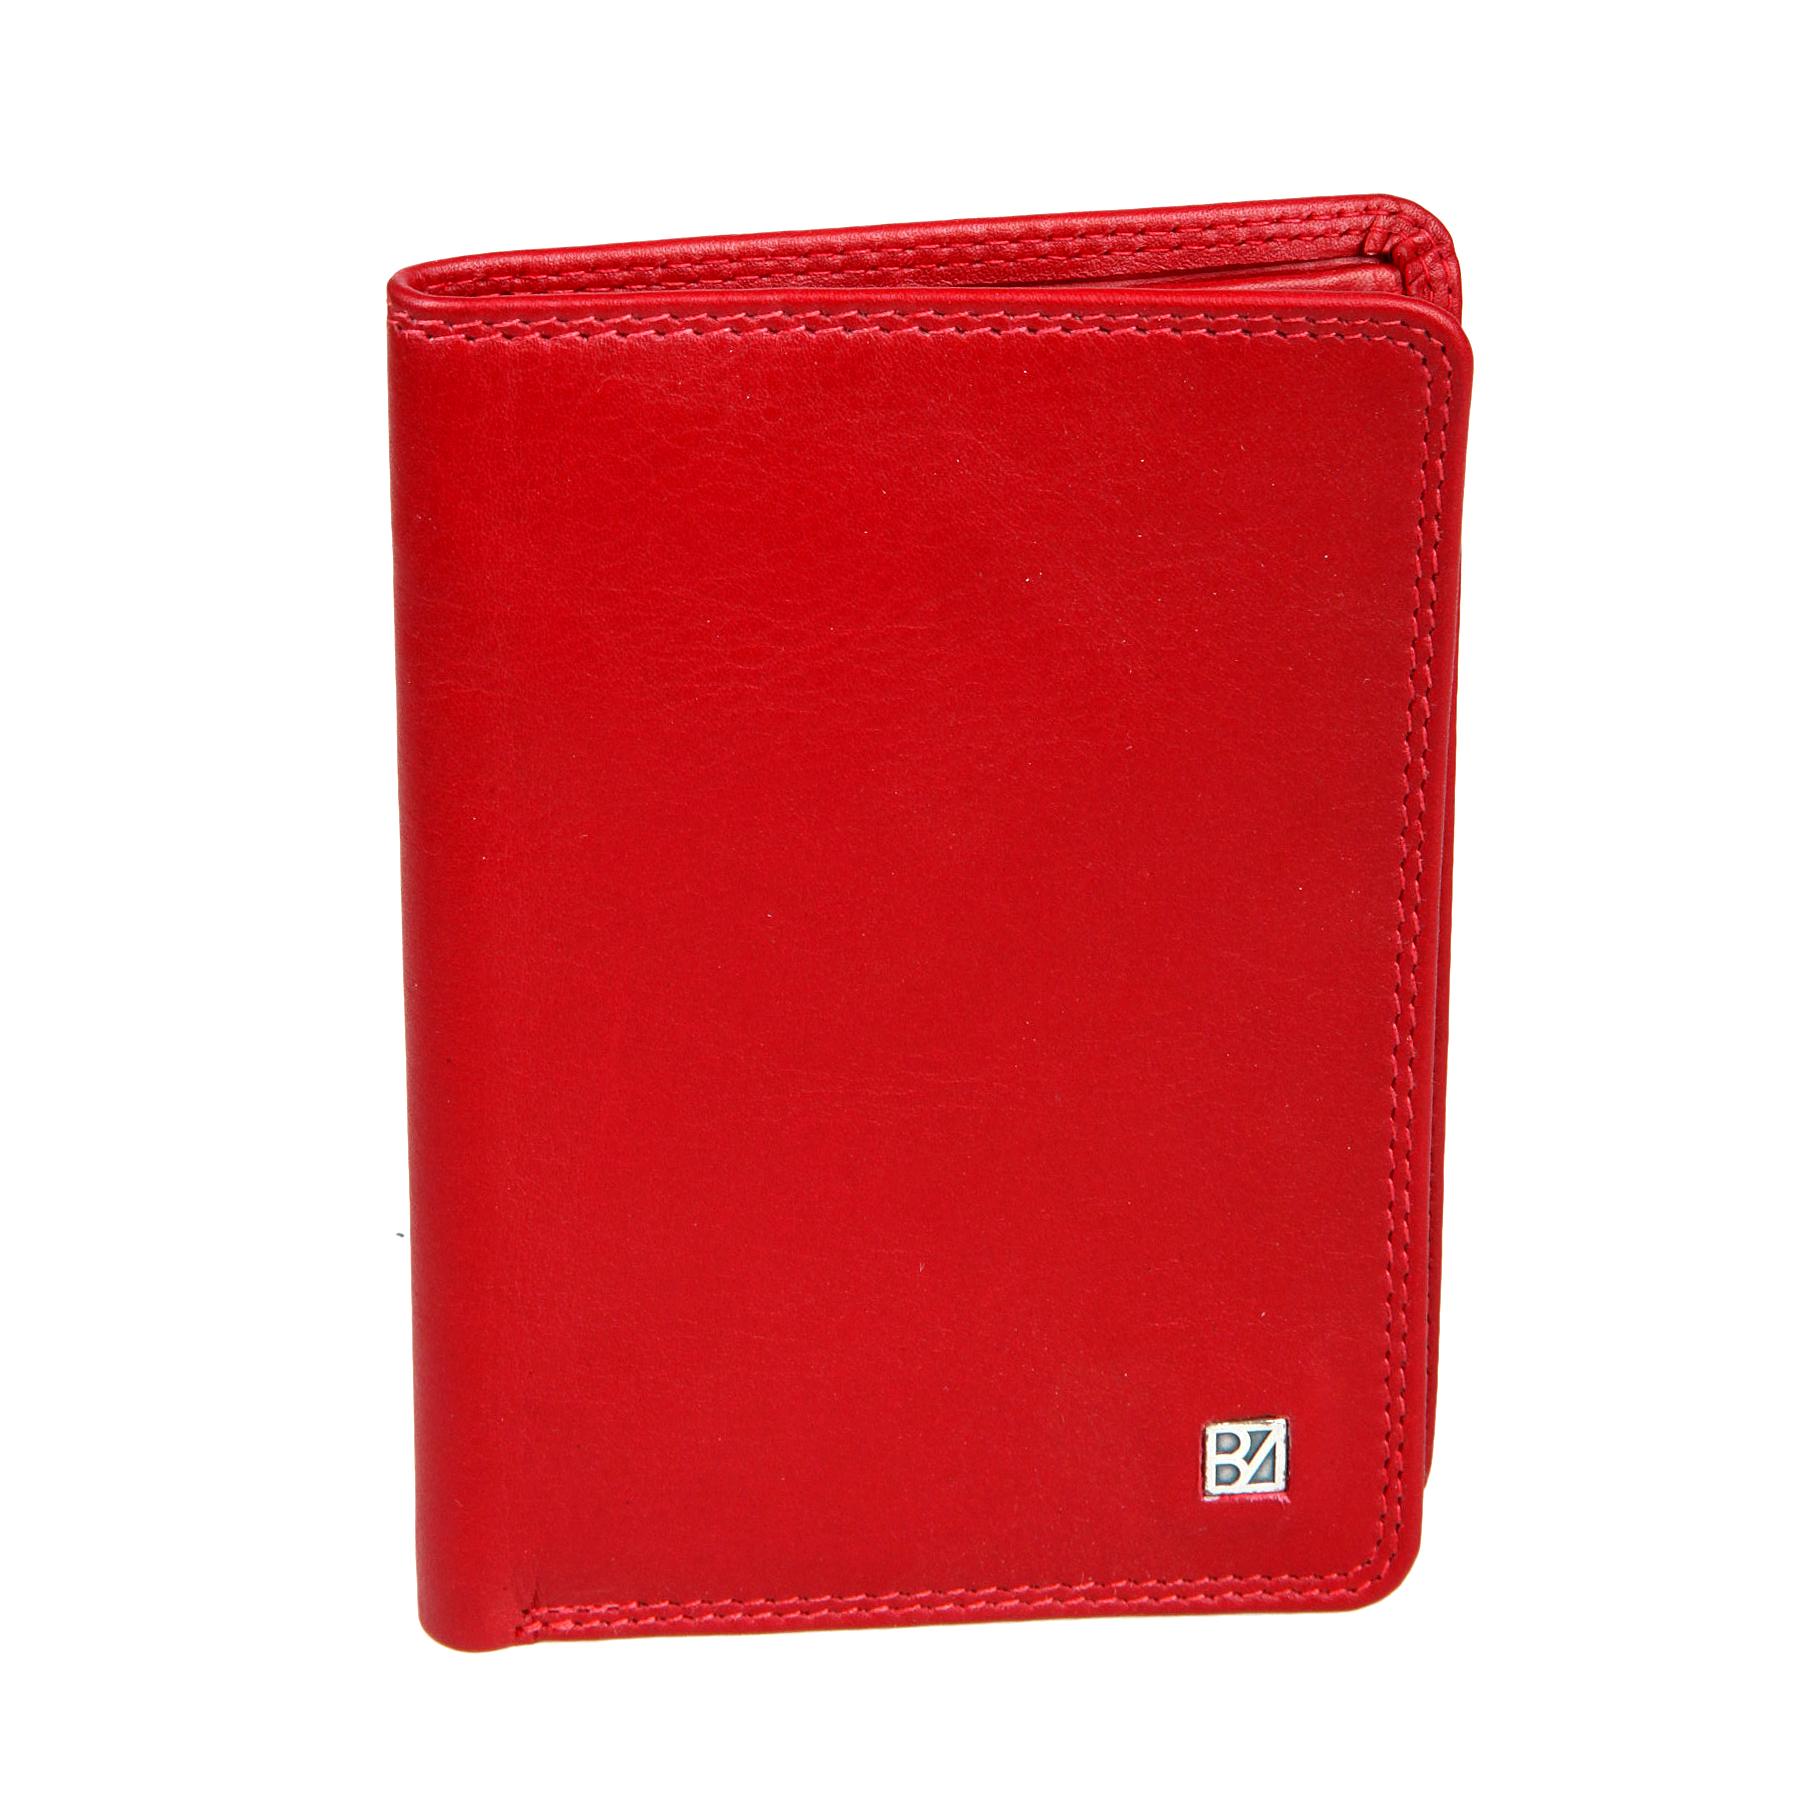 Портмоне женское Bodenschatz, цвет: красный. 8-840A16-11154_711Портмоне женское Bodenschatz выполнено из натуральной кожи. Модель раскладывается пополам, внутри один отдел для купюр, один потайной карман, три кармашка для пластиковых карт, два кармашка для документов, один из них в сеточку.